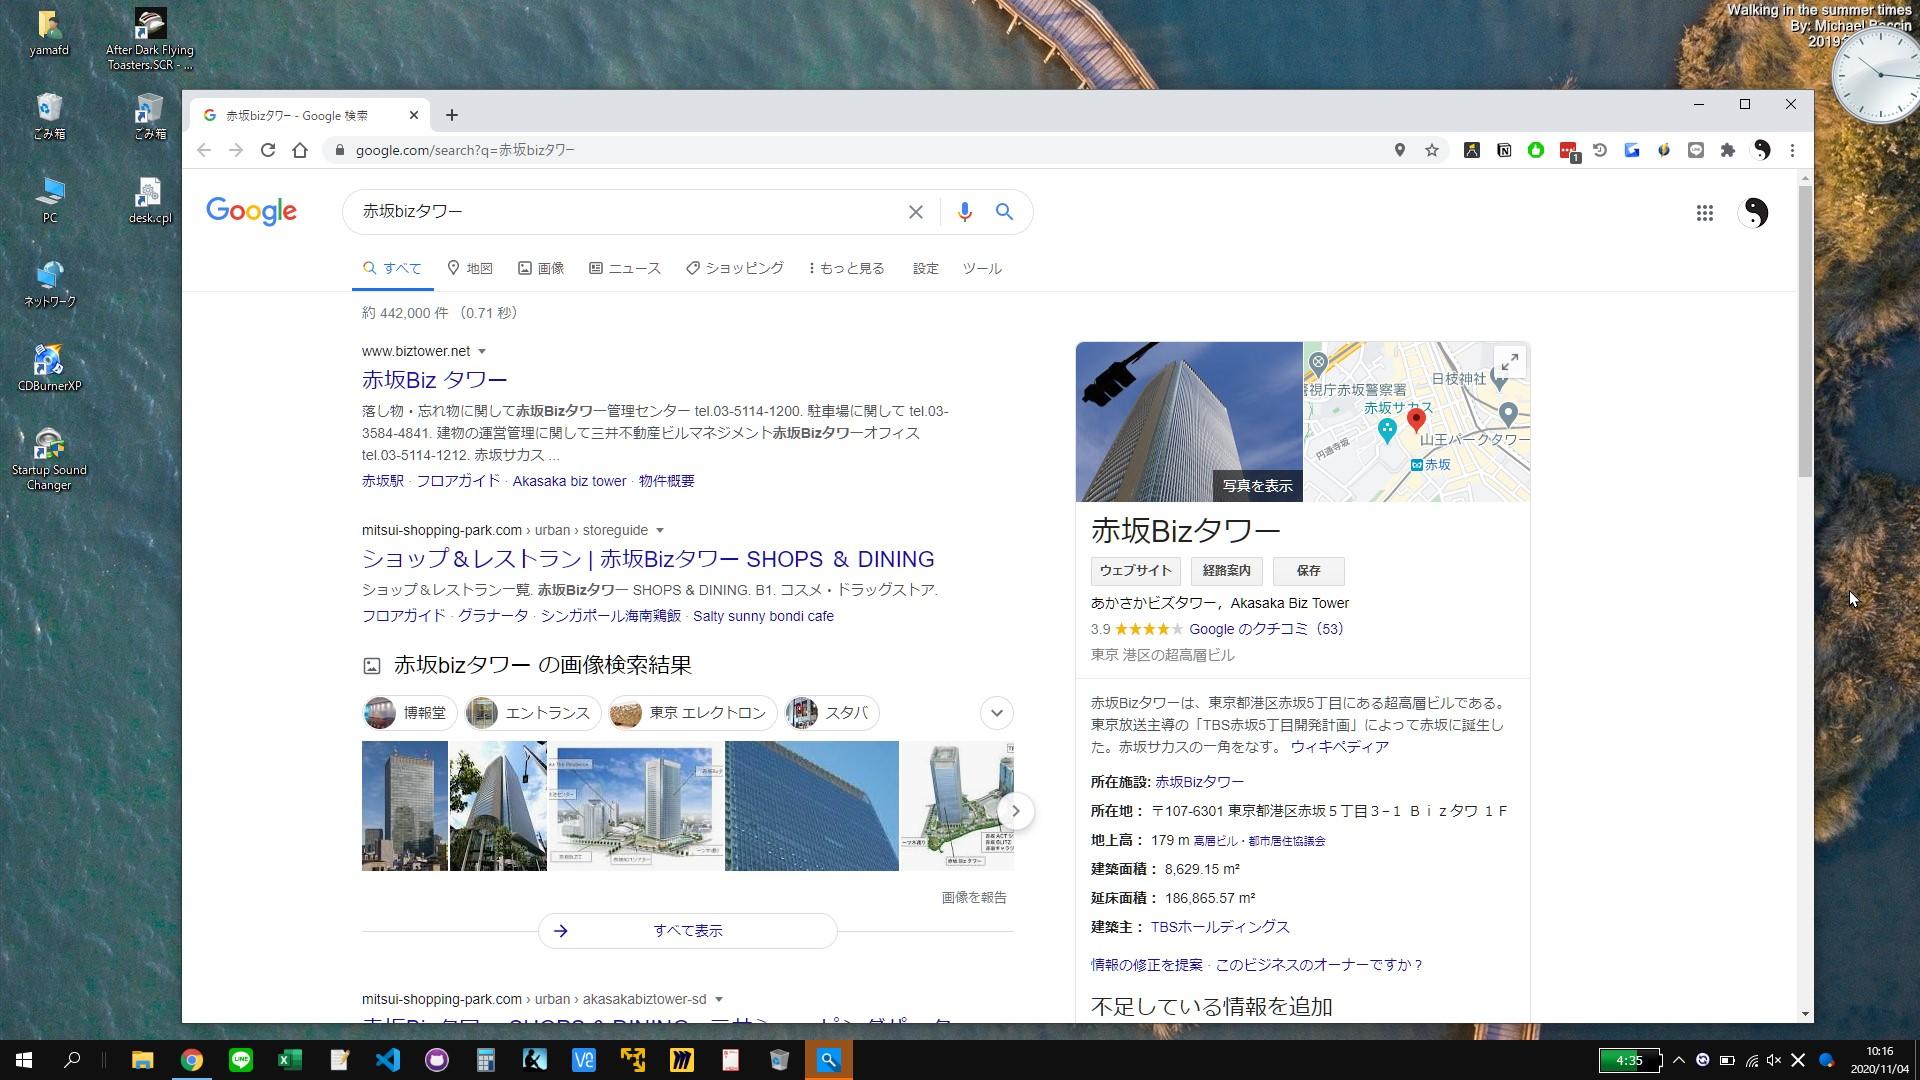 Windowsの検索結果をGoogle Chromeで表示できた